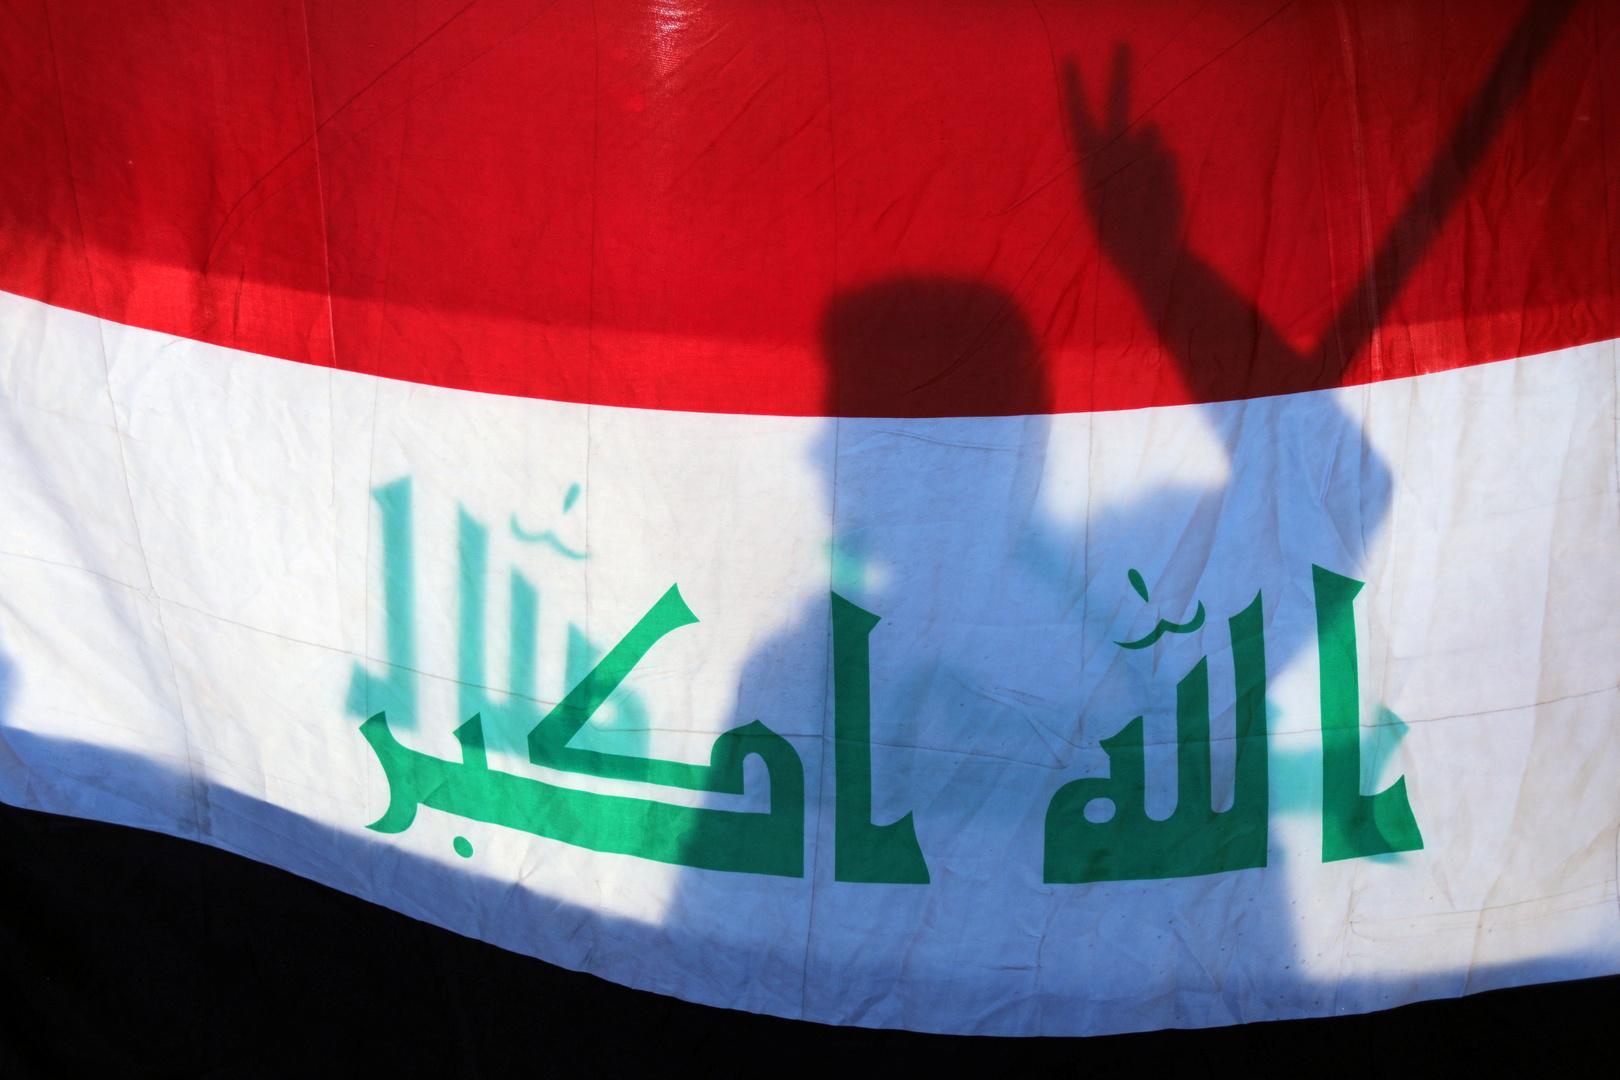 الحكومة العراقية تصدر بيانا بشأن التطبيع مع إسرائيل وتصف اجتماع أربيل بغير القانوني